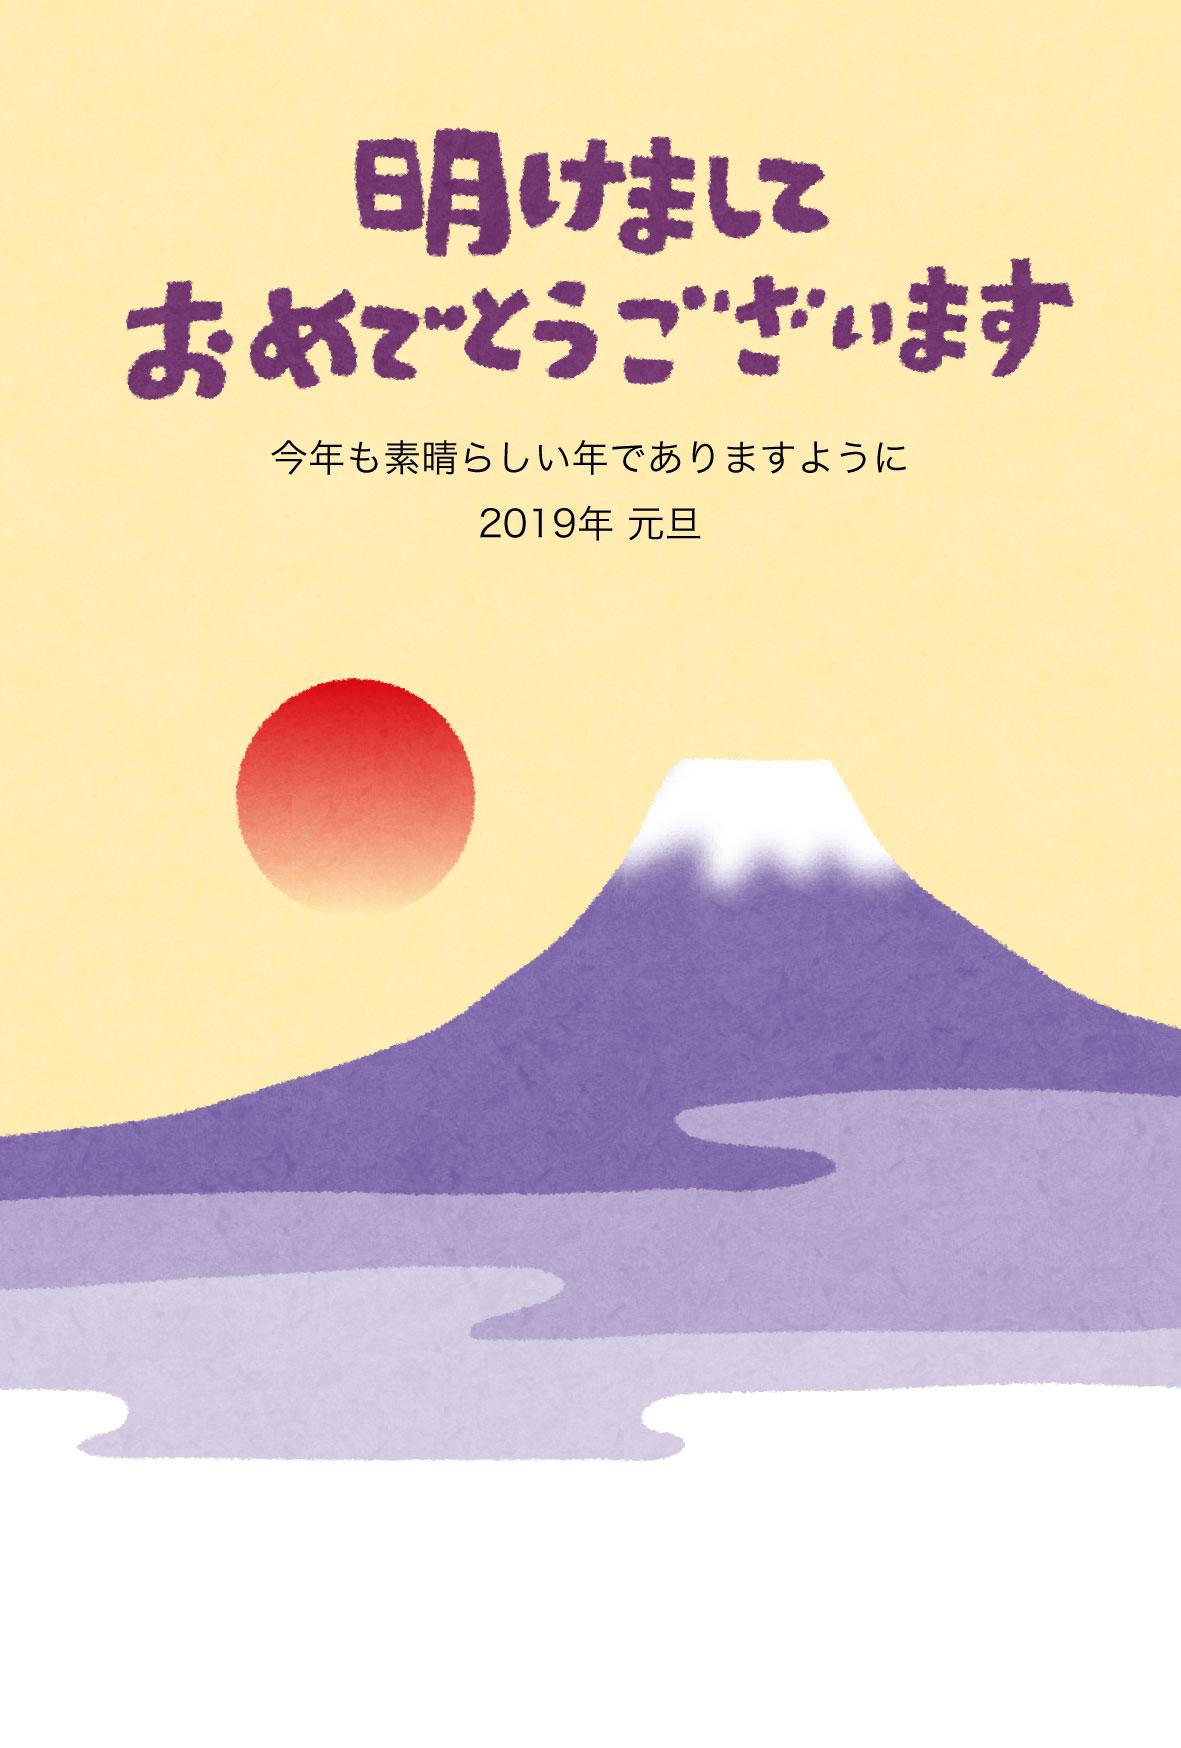 富士山と初日の出のイラスト年賀状 かわいい無料年賀状テンプレート